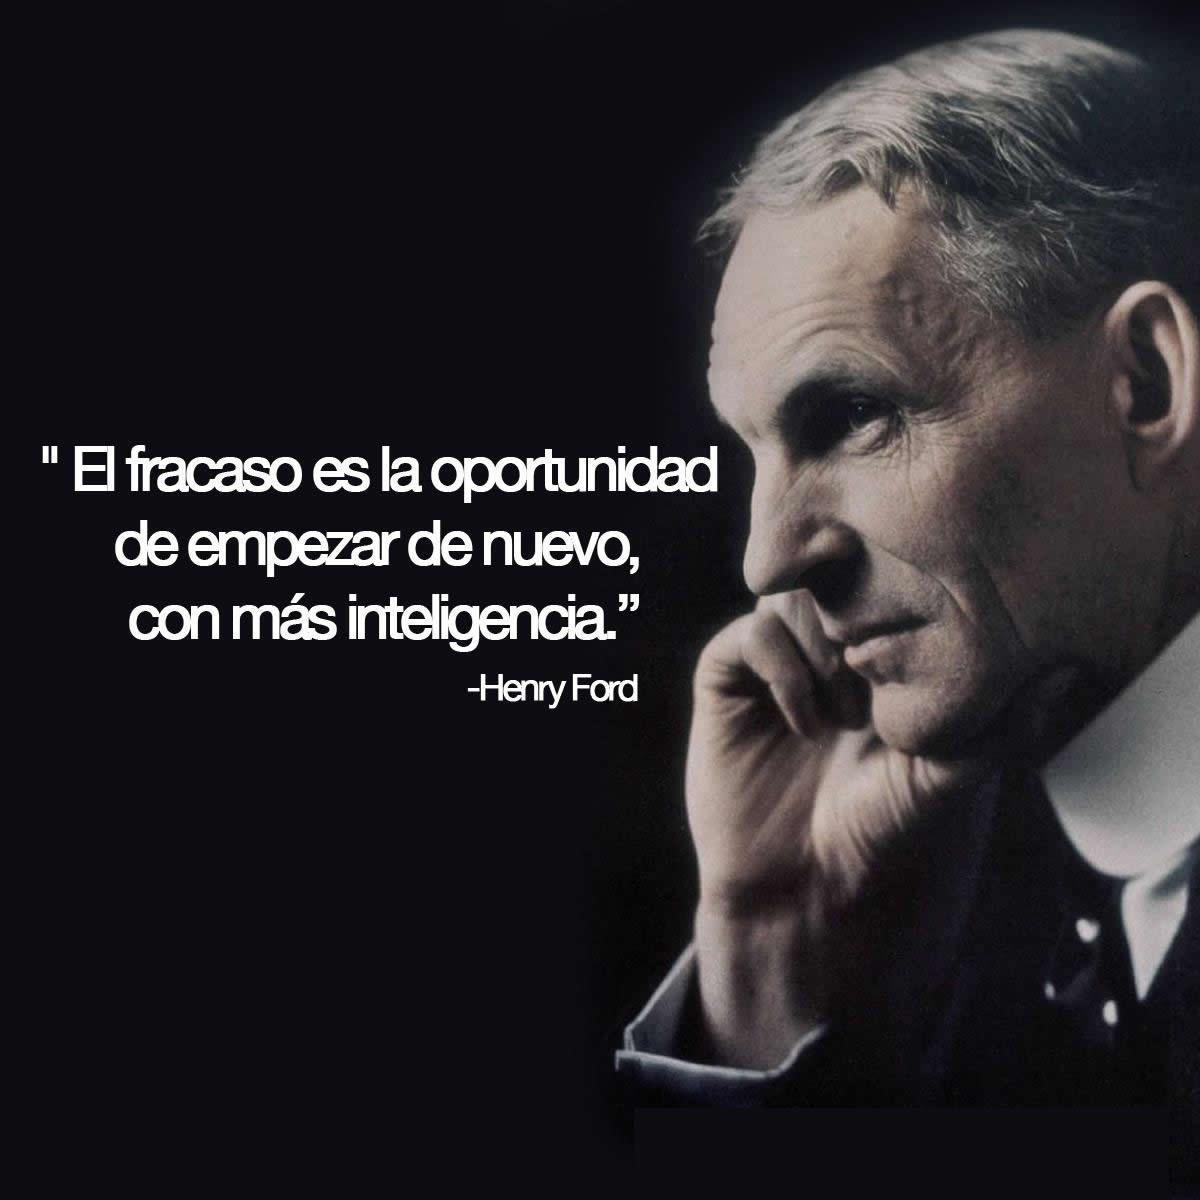 Henry Ford frases